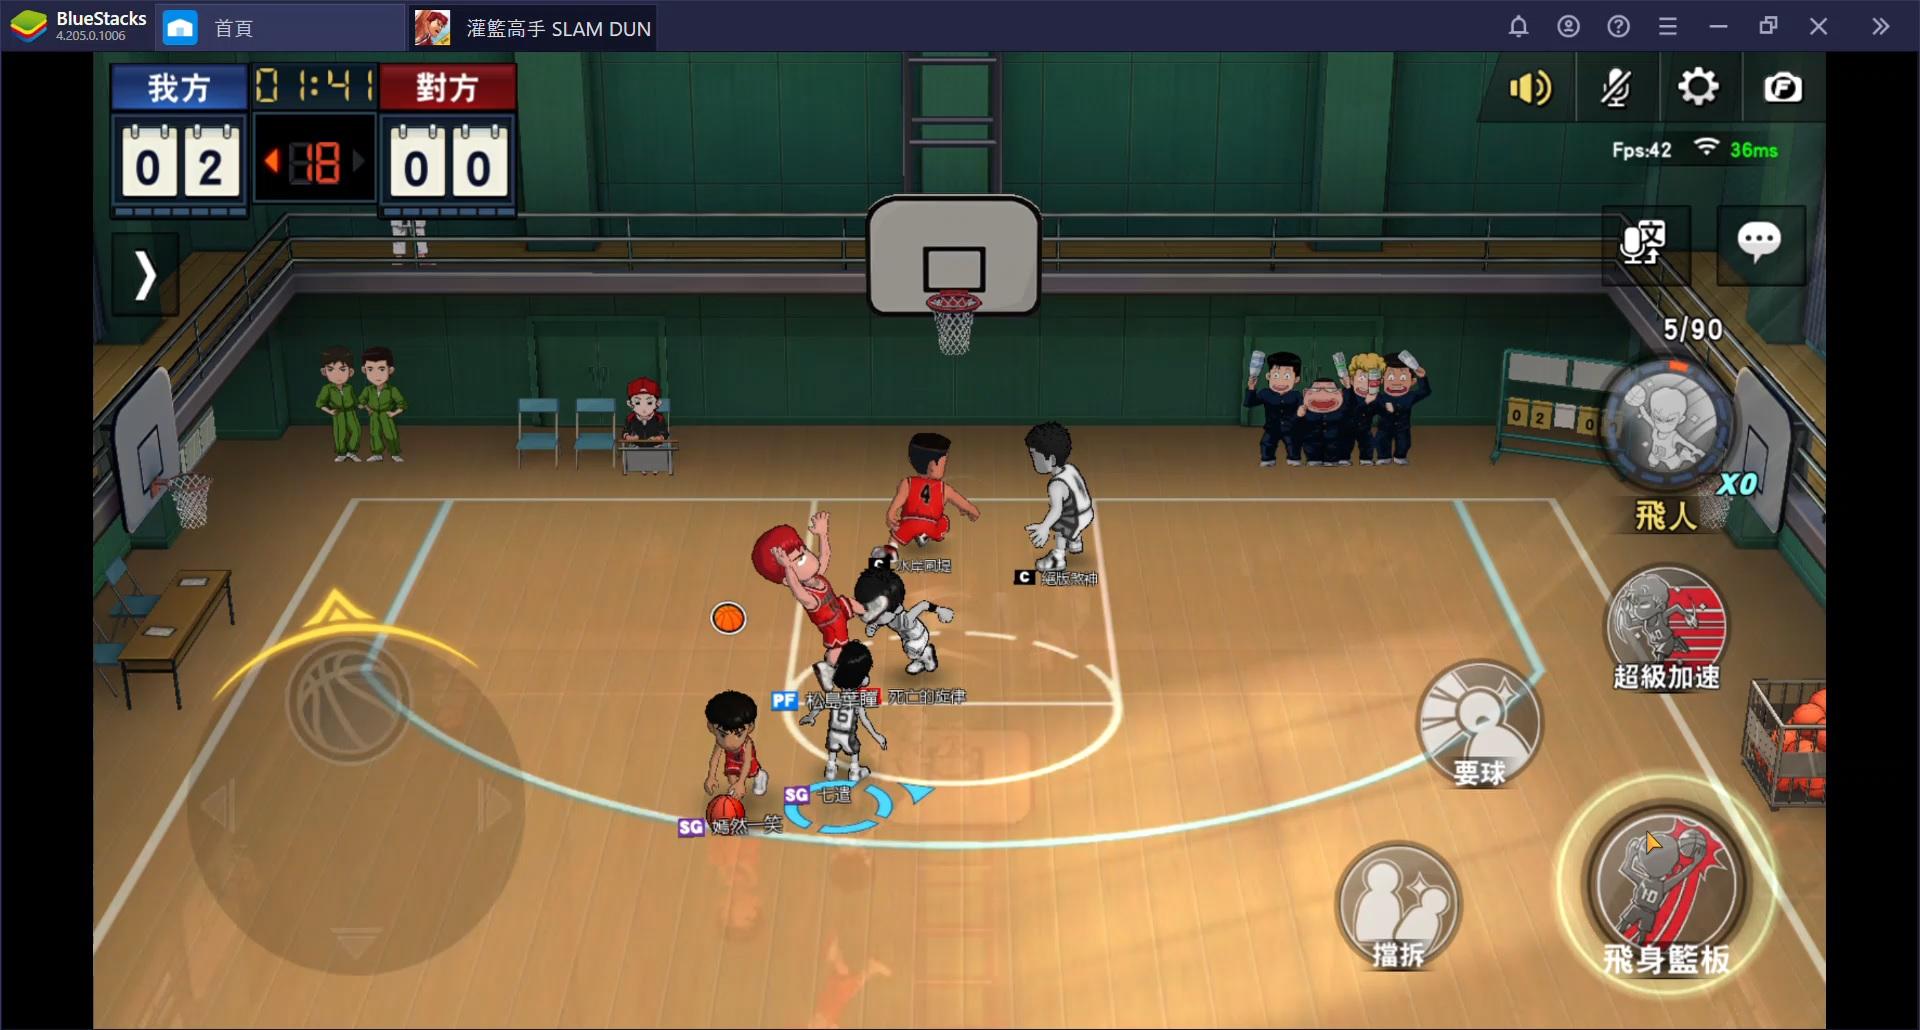 使用BlueStacks在PC上遊玩即時籃球競技手機遊戲《灌籃高手SLAM DUNK》